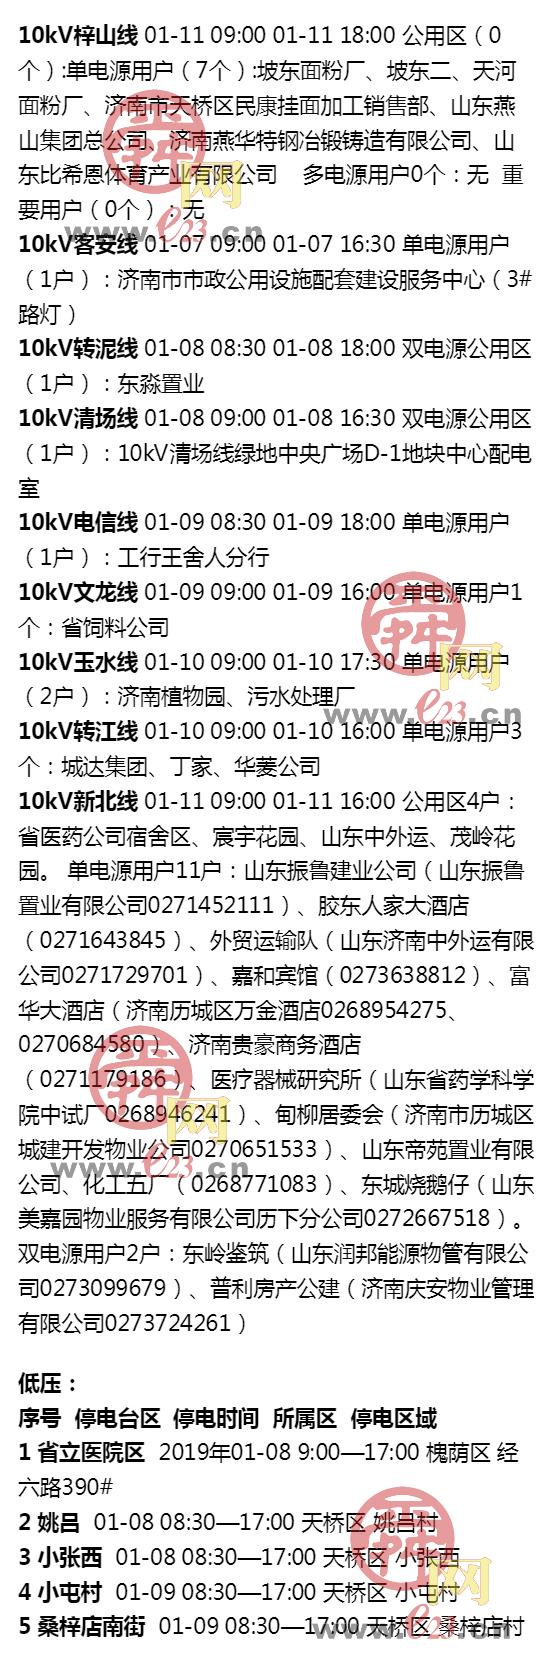 2019年1月5日至1月11日大发排列3部分区域电力设备检修通知